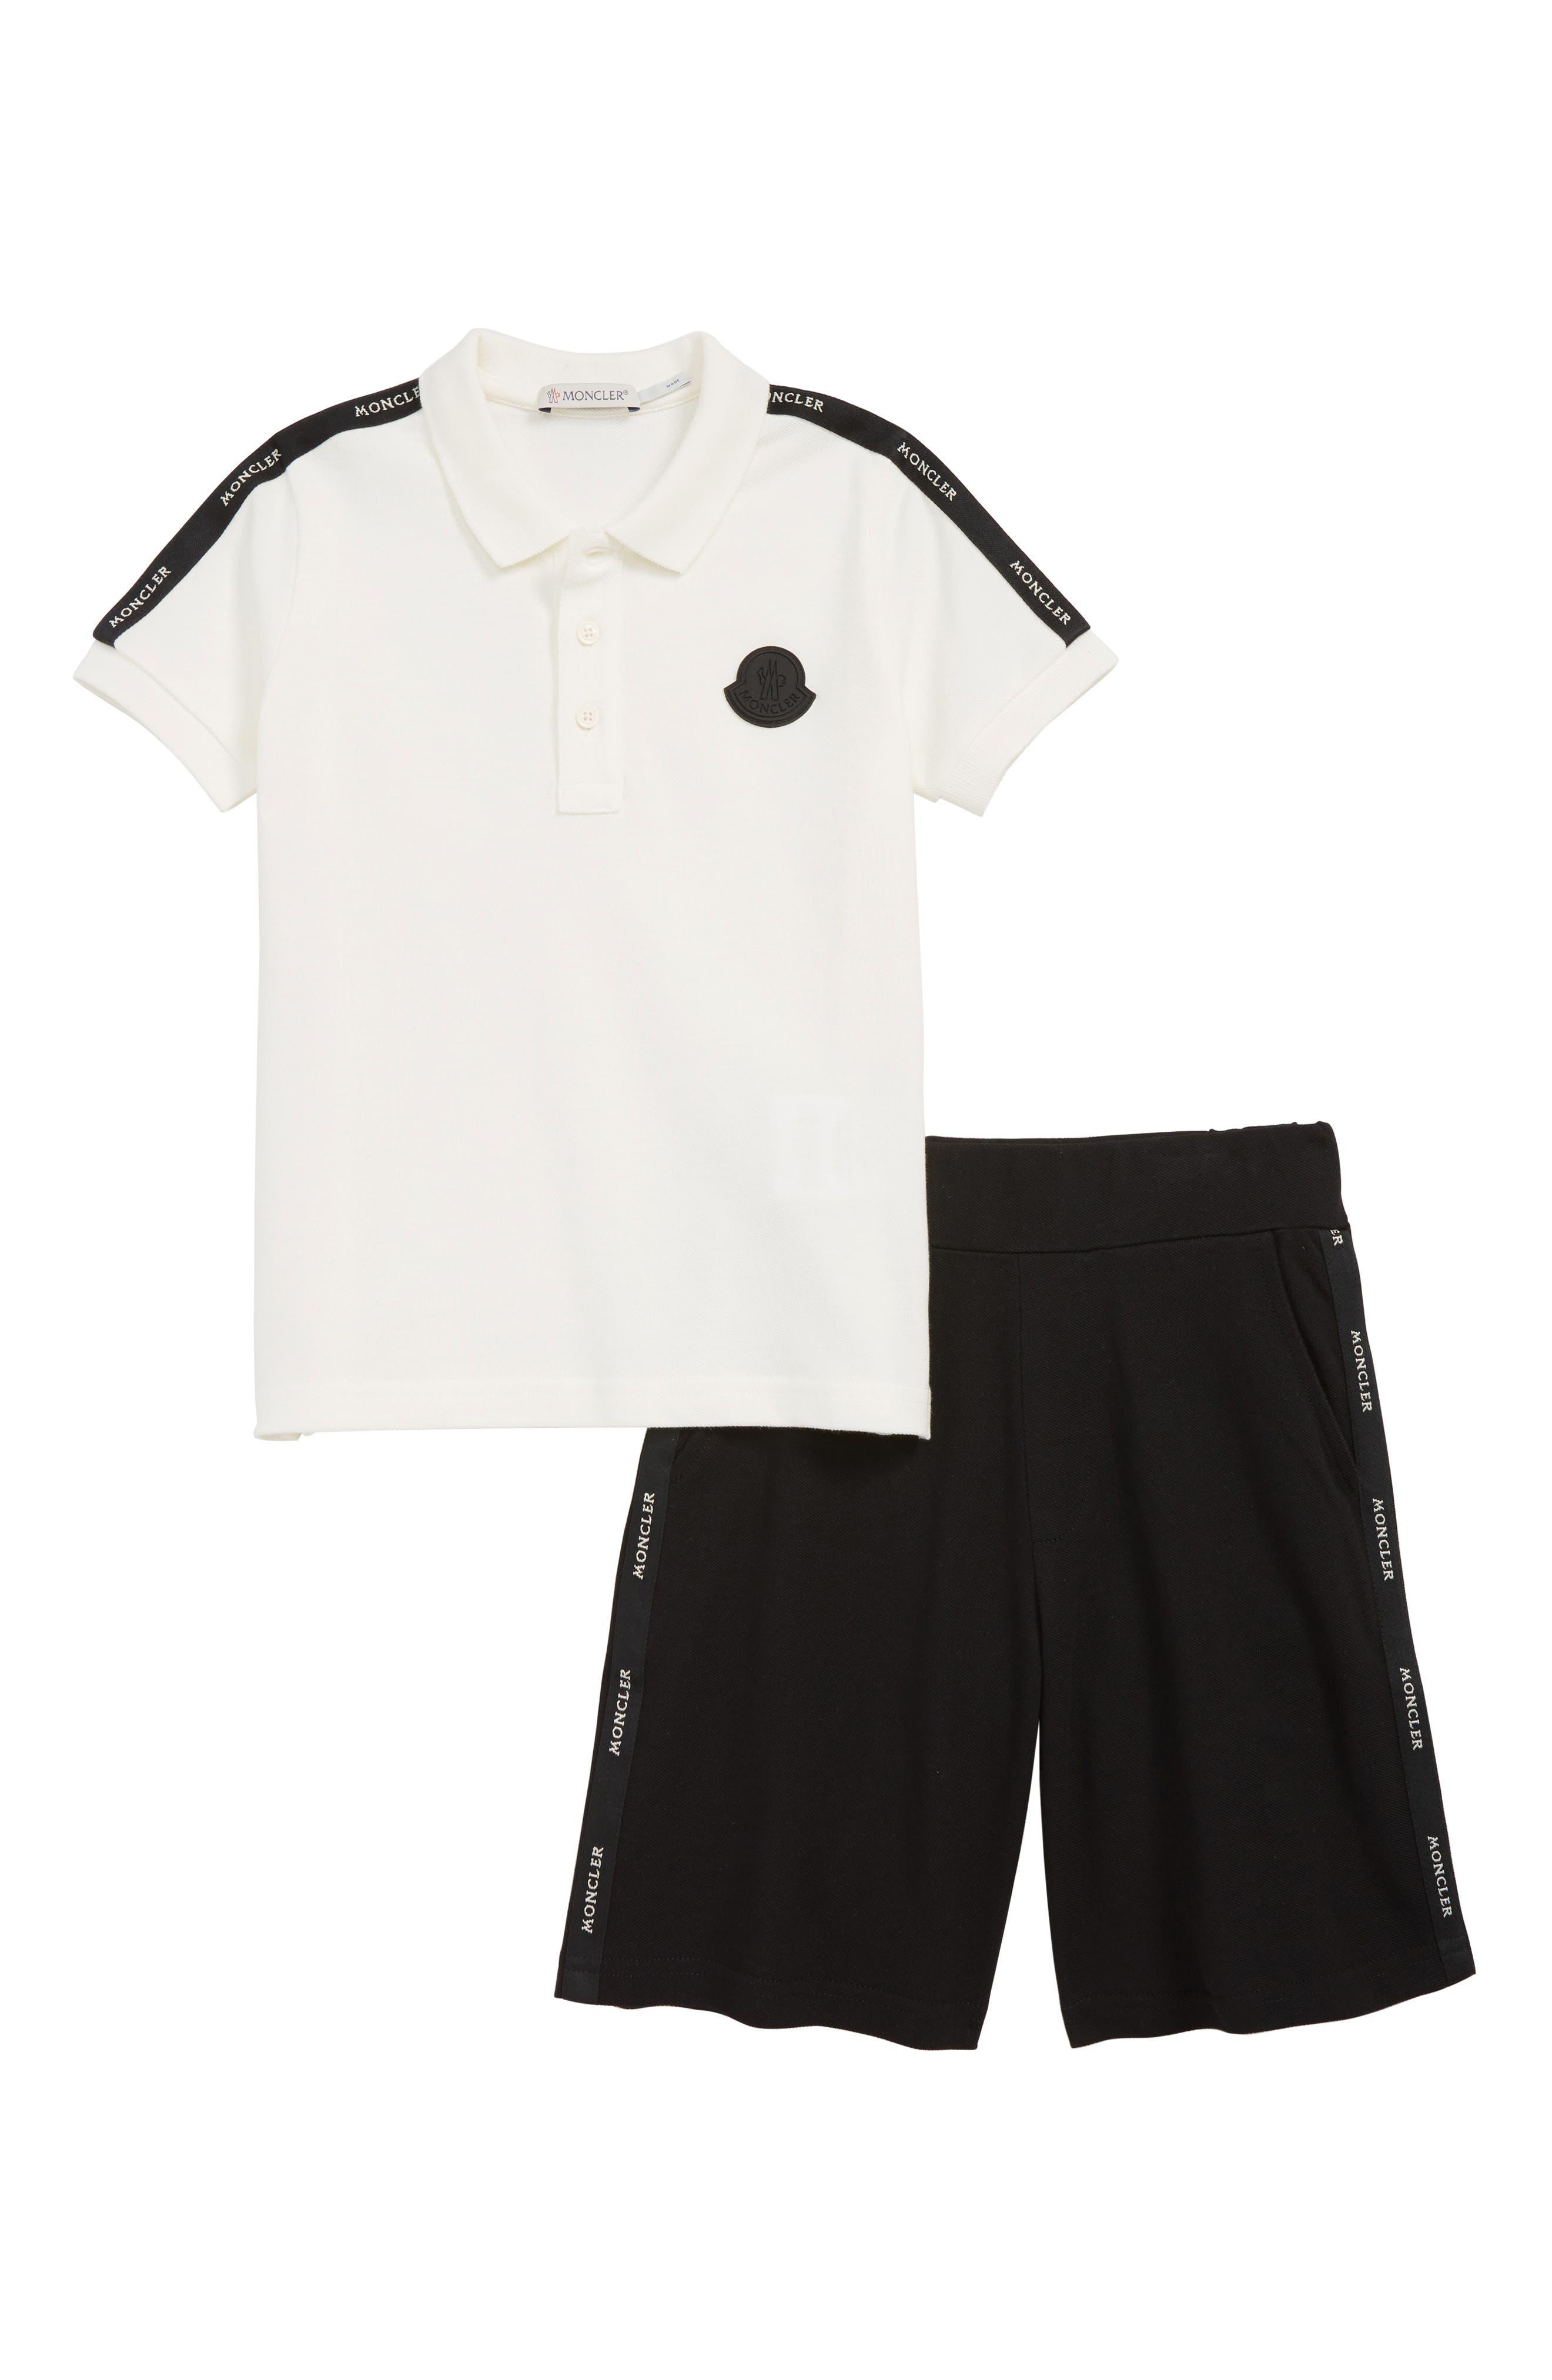 MONCLER Polo & Shorts Set, Main, color, NATURAL